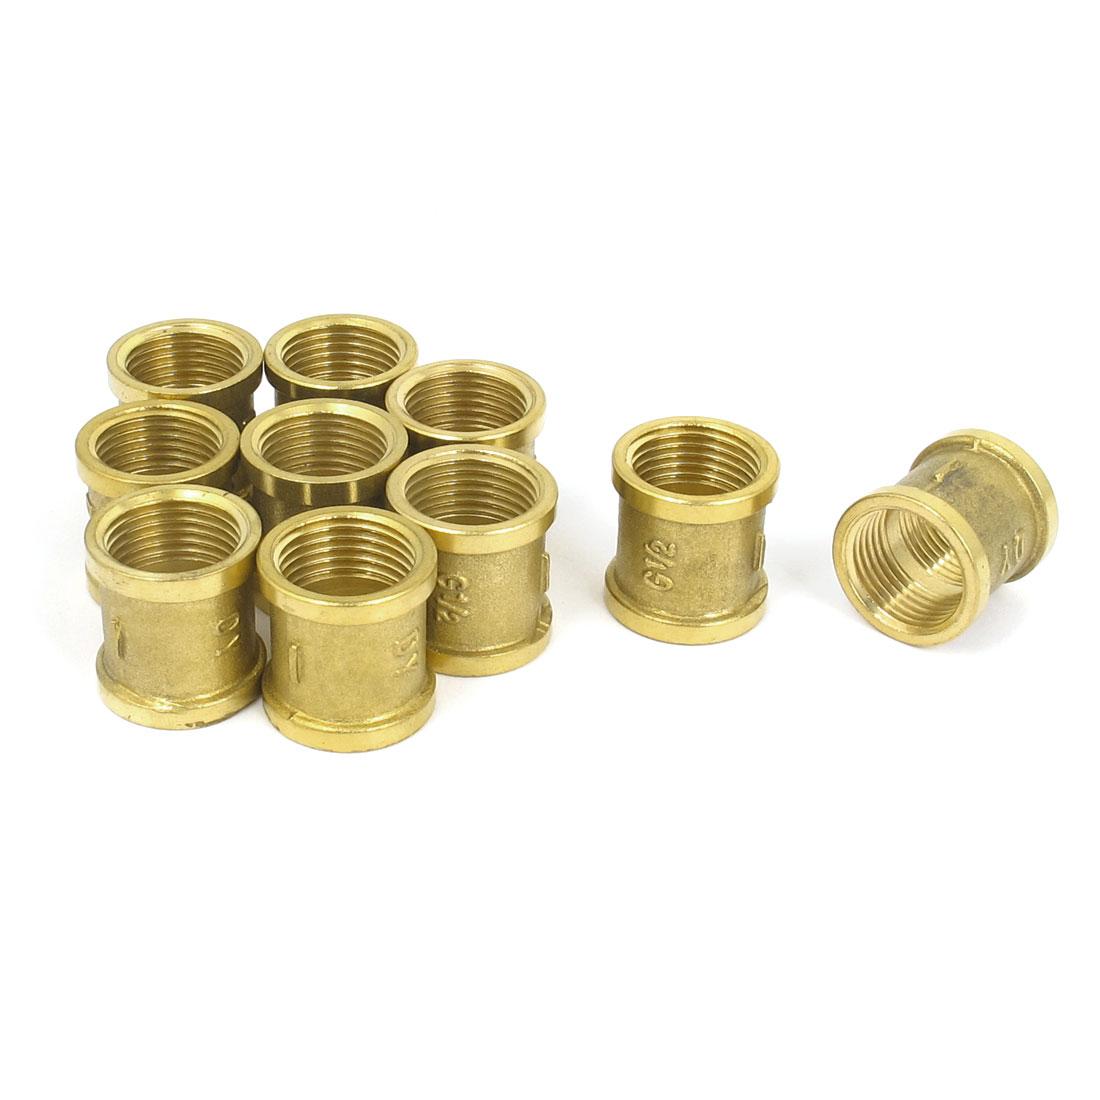 1/2BSP Female Thread Brass Quick Coupler Connector Adapter 26mm Long 10pcs